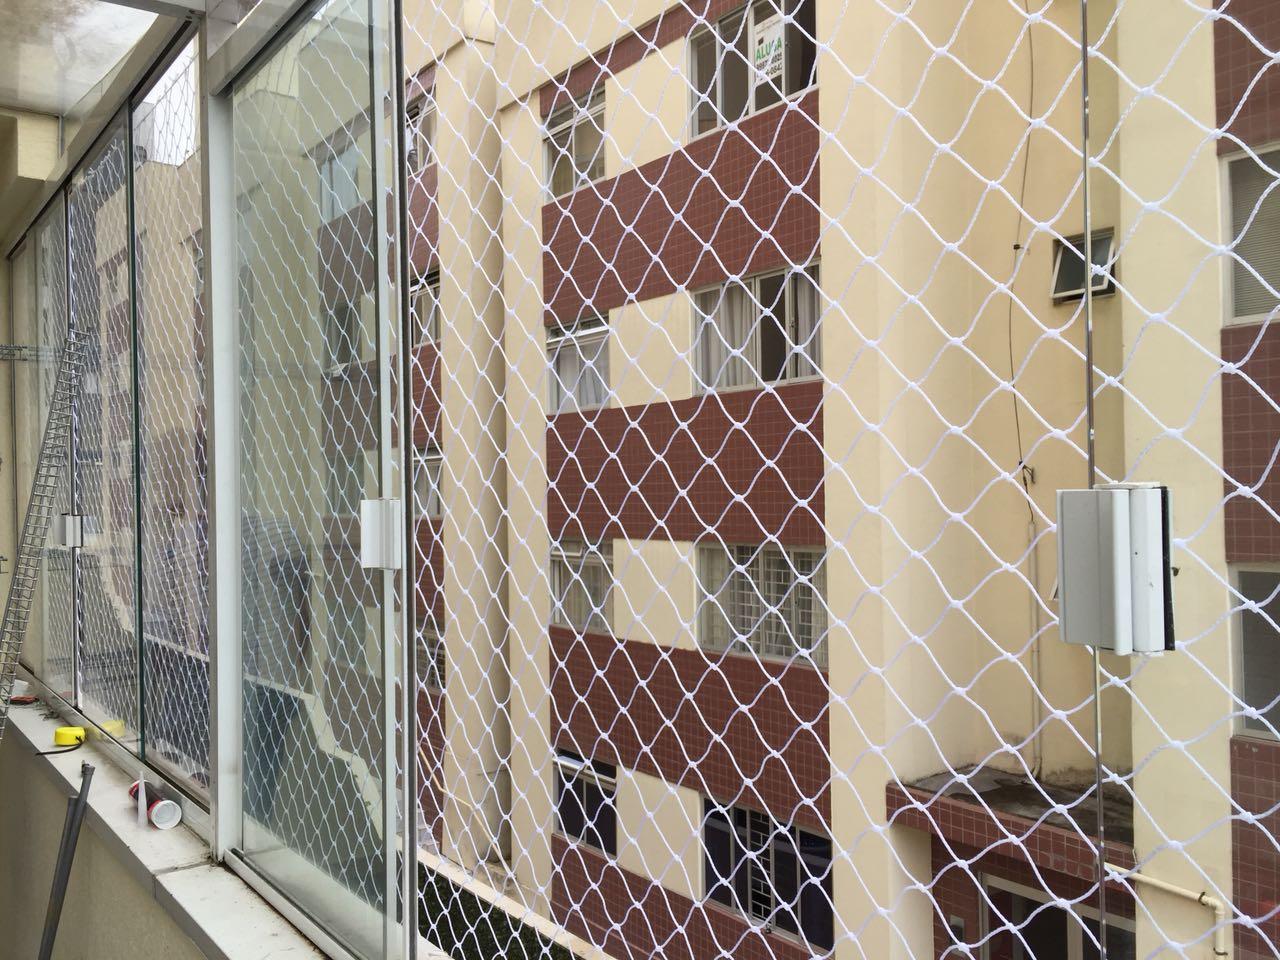 Rede de proteção instalada na sacada no bairro